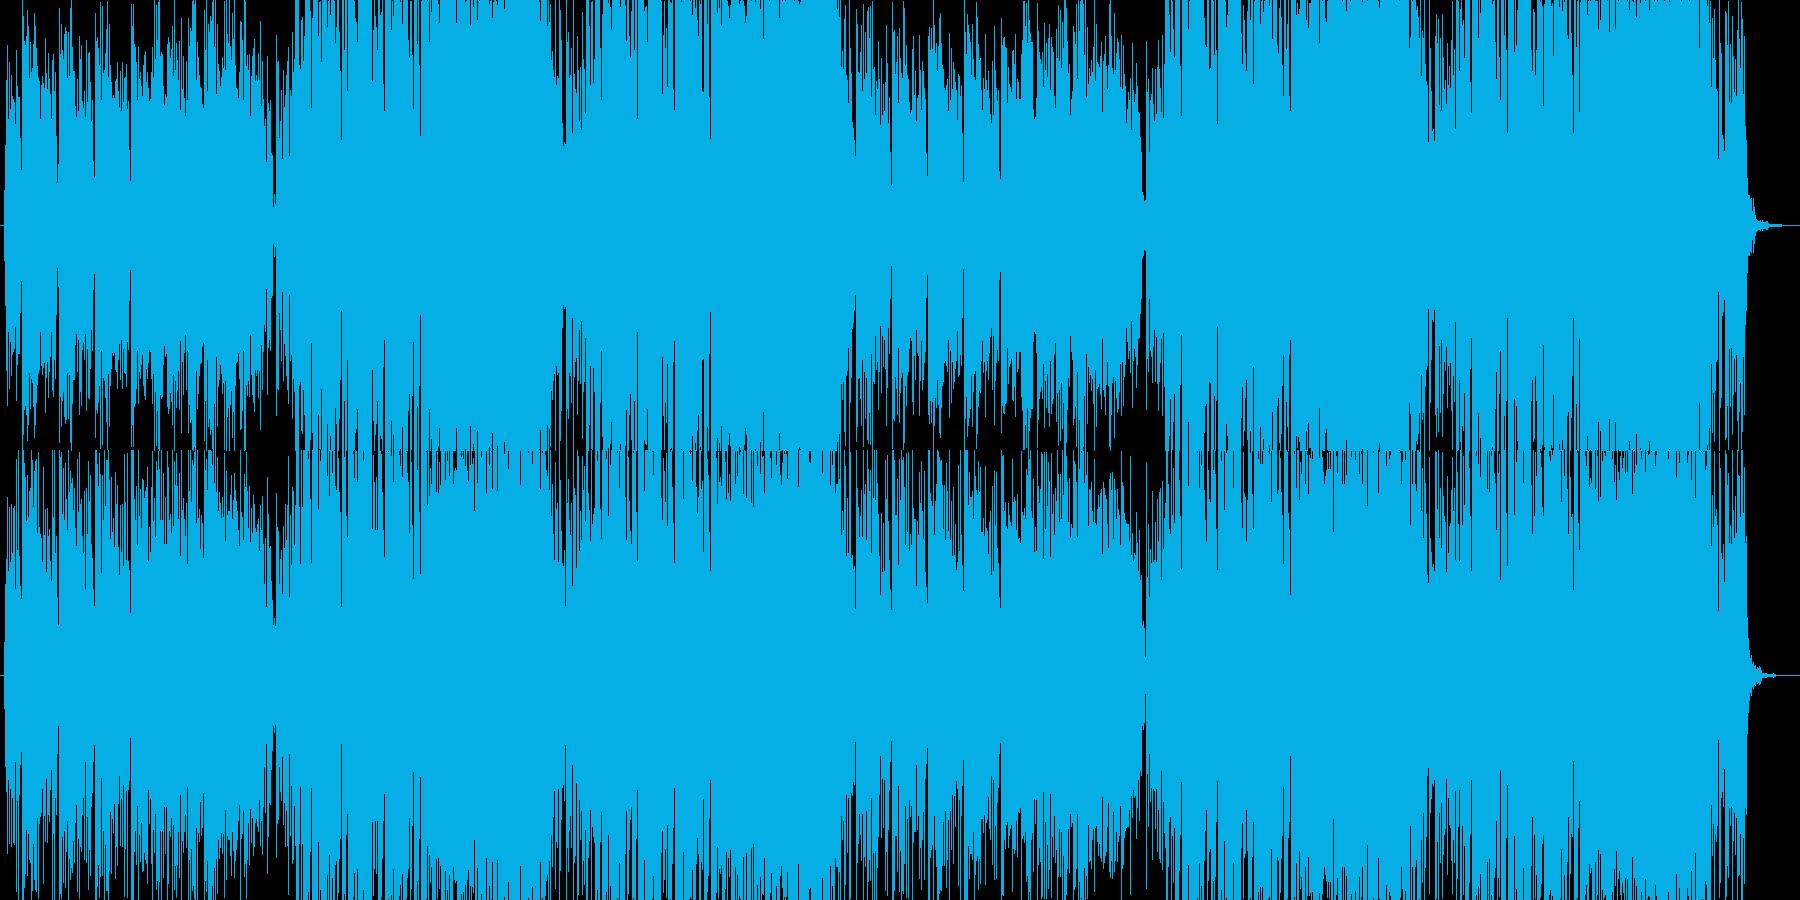 ドラマ・映画 コメディーシーン  B16の再生済みの波形